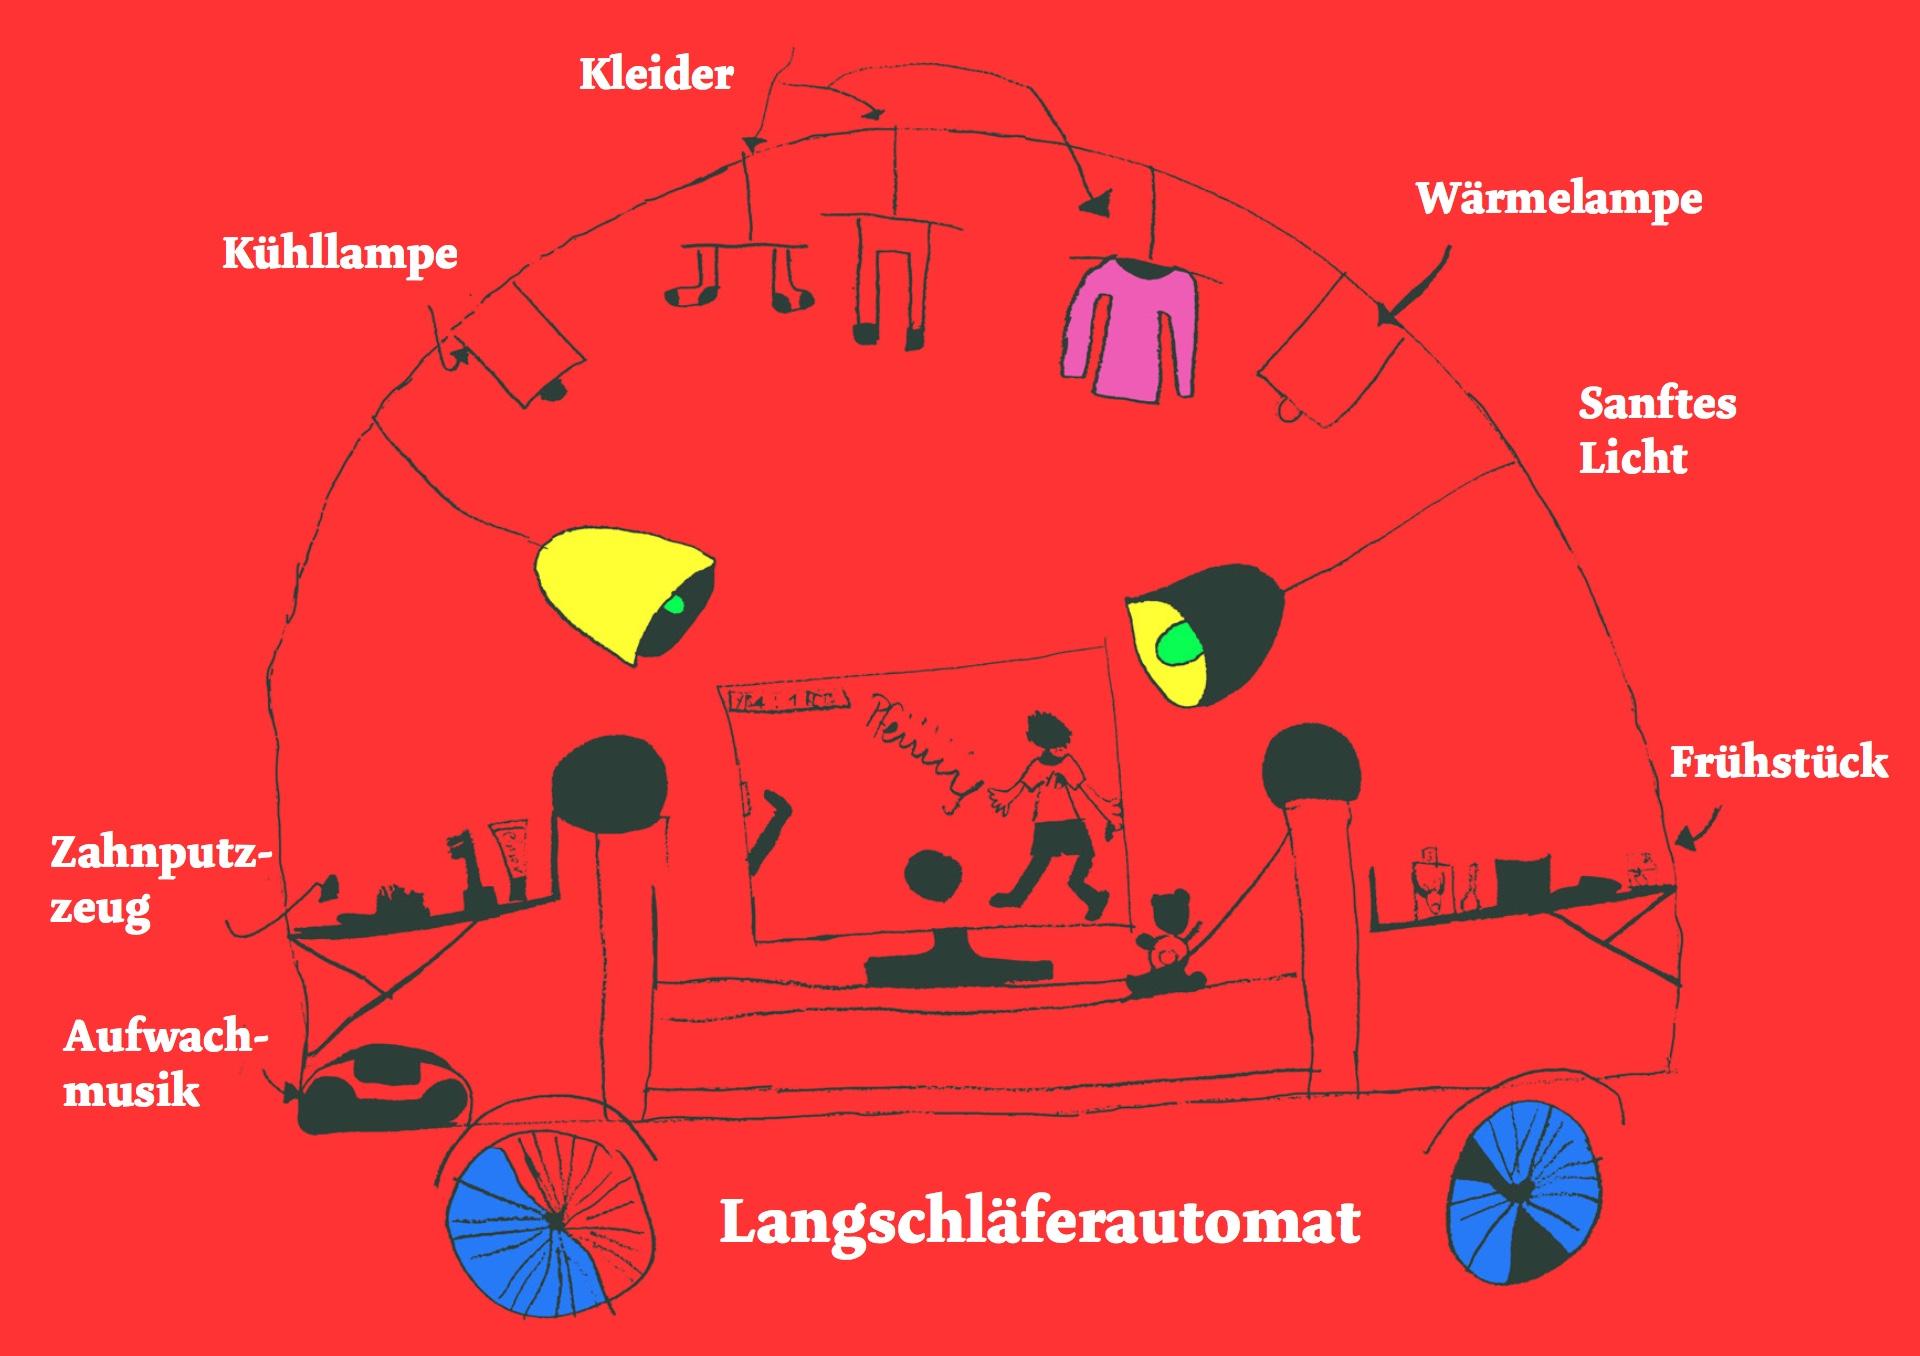 Die Sorgen-Entsorger - Ausstellung der BeKuBe 4. – 6. Juli 2019Vernissage: Donnerstag, 4. Juli, ab 17.30 UhrDas Schulamt der Stadt Bern organisiert für hochbegabte Kinder und Jugendliche die Begabtenkurse Bern (BeKuBe). Im Modul «Sorgen-Entsorger» haben die SchülerInnen überlegt, was sie in ihrem Alltag stört, woran sie leiden, was nervt. Wie könnte Abhilfe geschaffen werden?Durch lustvolle, kreative Auseinandersetzung mit dem Thema sind die ausgestellten Maschinen-Skizzen entstanden.erlesen – Raum für gedruckte Feinkost im Progr, Zentrum für Kulturproduktion EG West, Speichergasse 4, 3011 BernÖffnungszeiten:Donnerstag, 4. Juli, 17.30 – 20.00 Uhr Freitag, 5. Juli, 14.00 – 18.00 UhrSamstag, 6. Juli, 12.00 – 16.00 Uhrwww.bern.ch